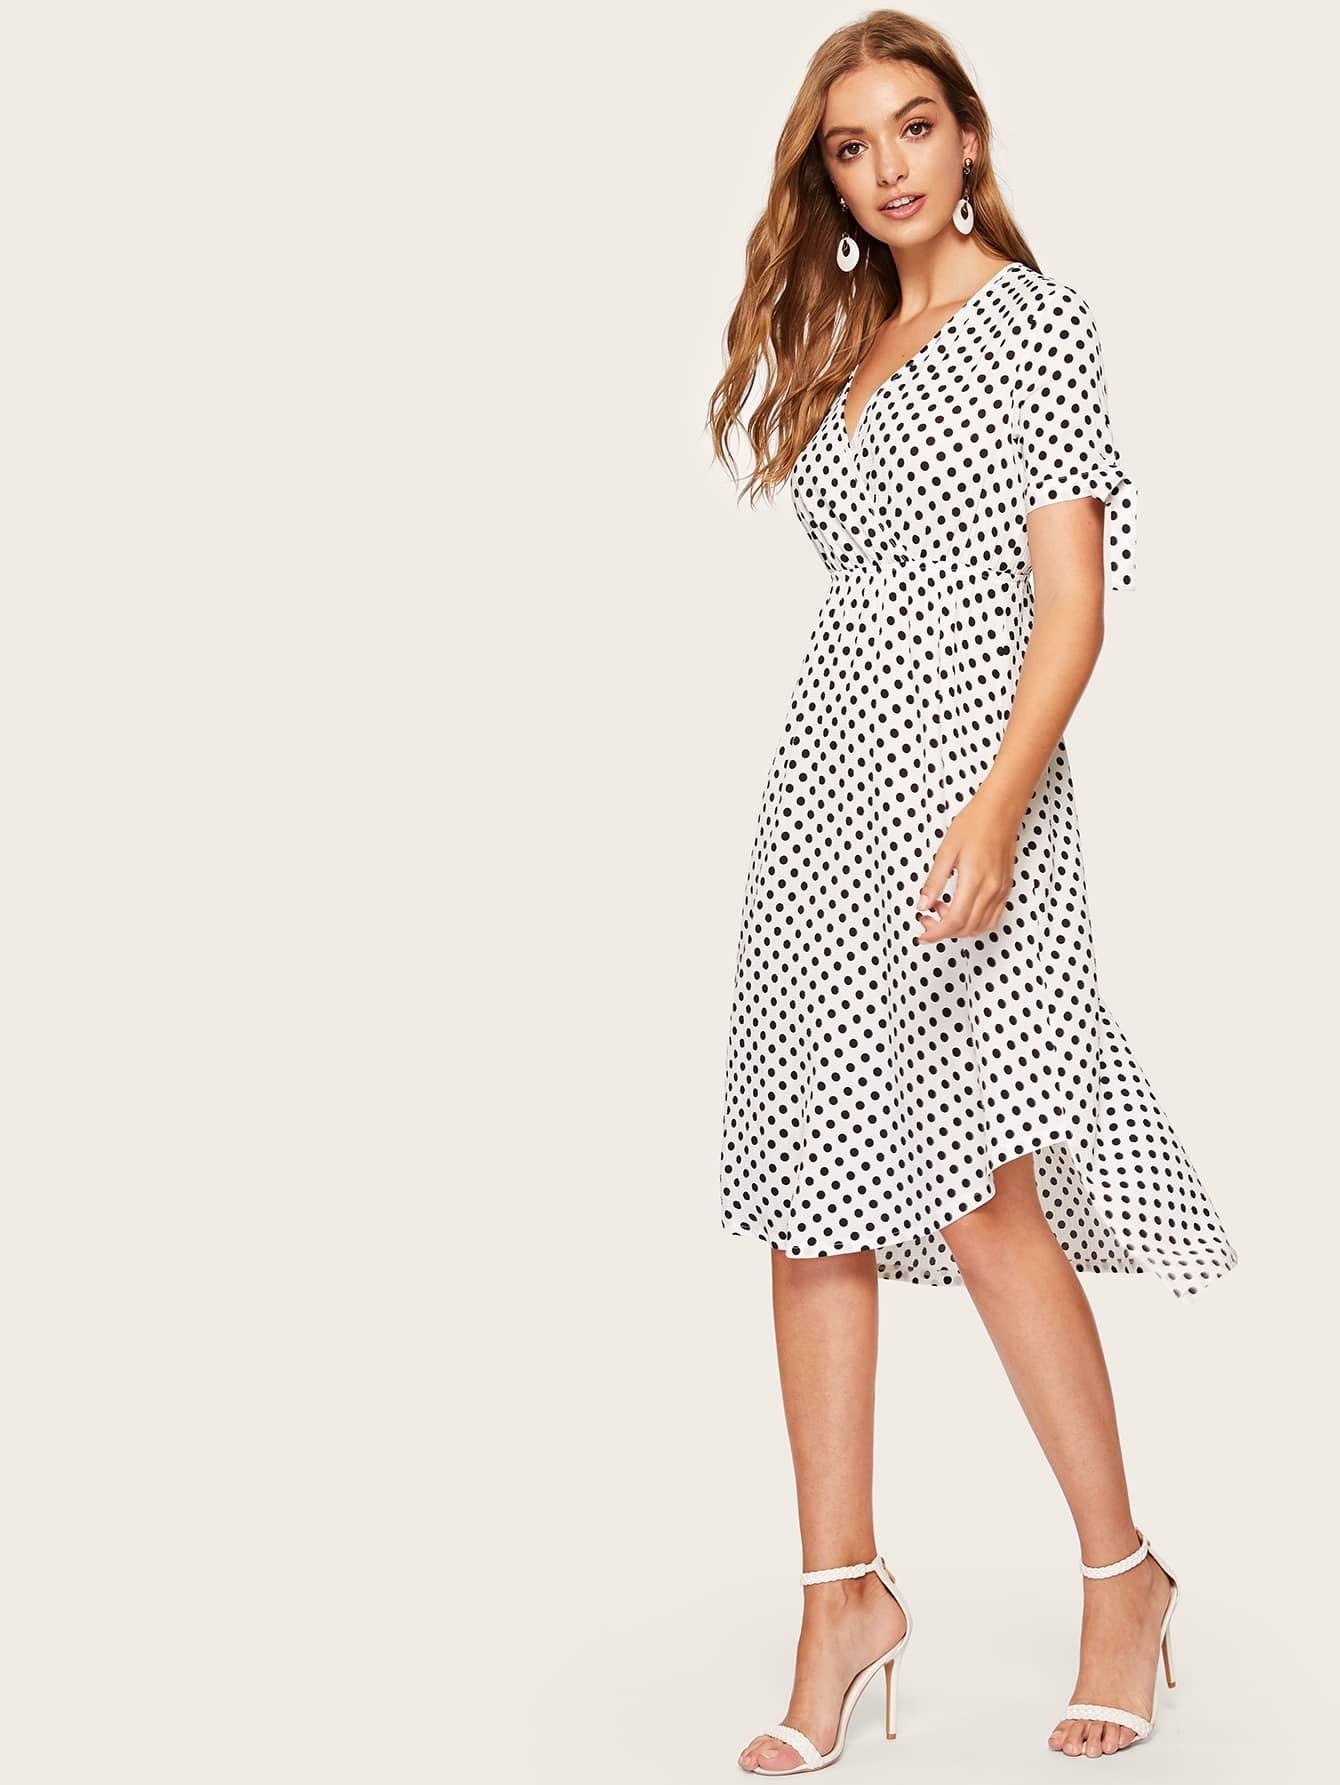 Mädchen Kleid mit Punkte Muster | SHEIN